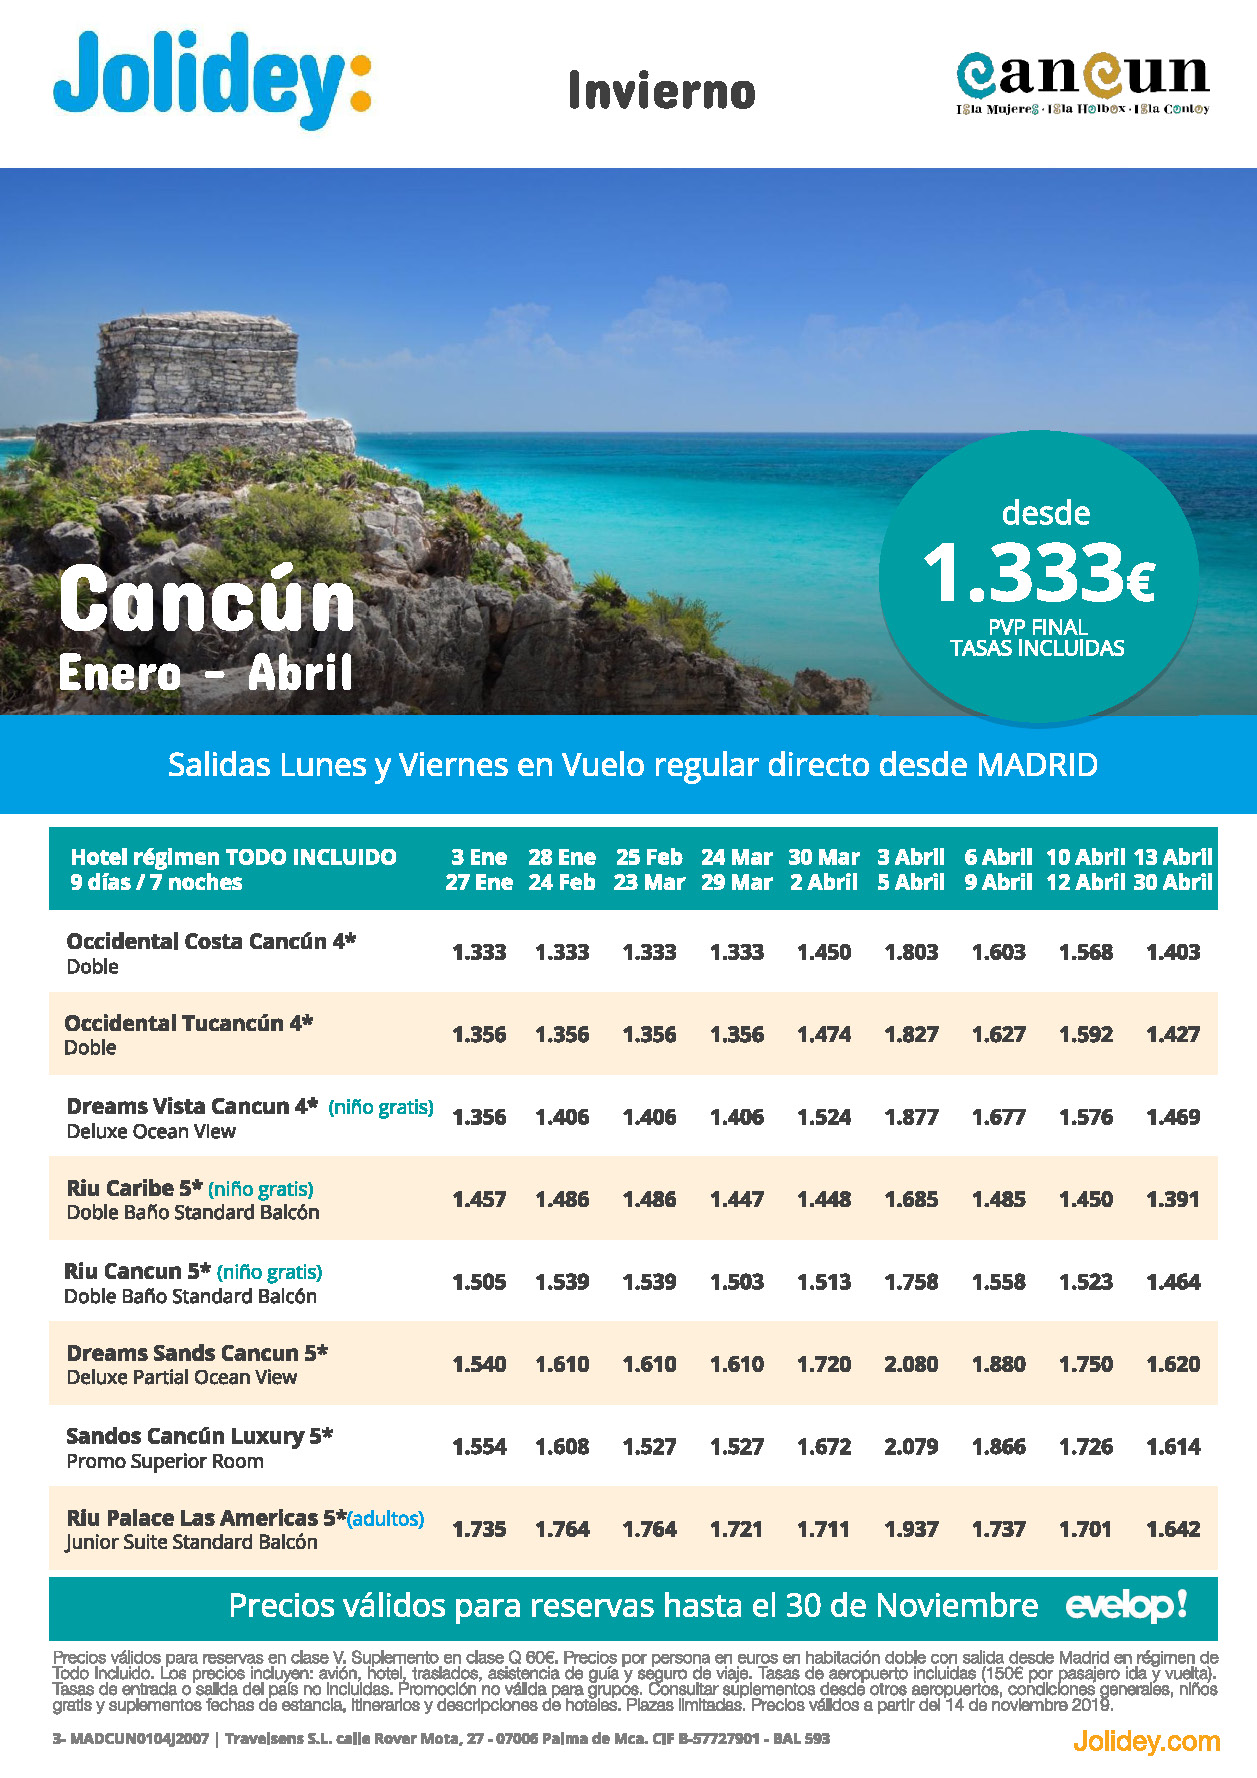 Ofertas Jolidey Vacaciones en Cancun Enero a Abril 2020